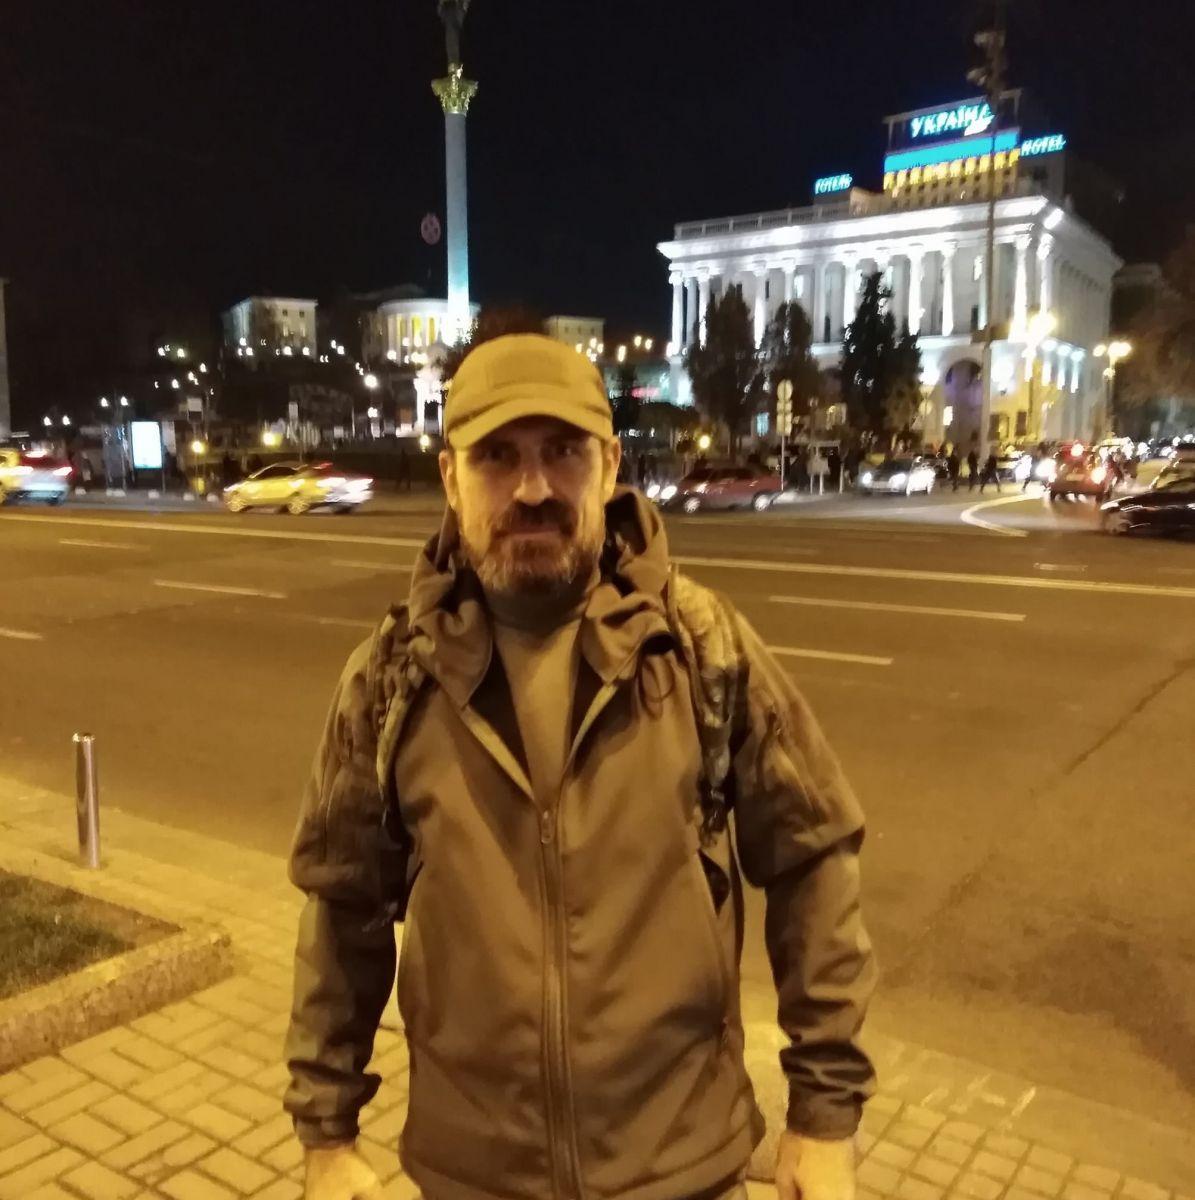 Стали известны подробности самоподжога мужчины на Майдане в Киеве